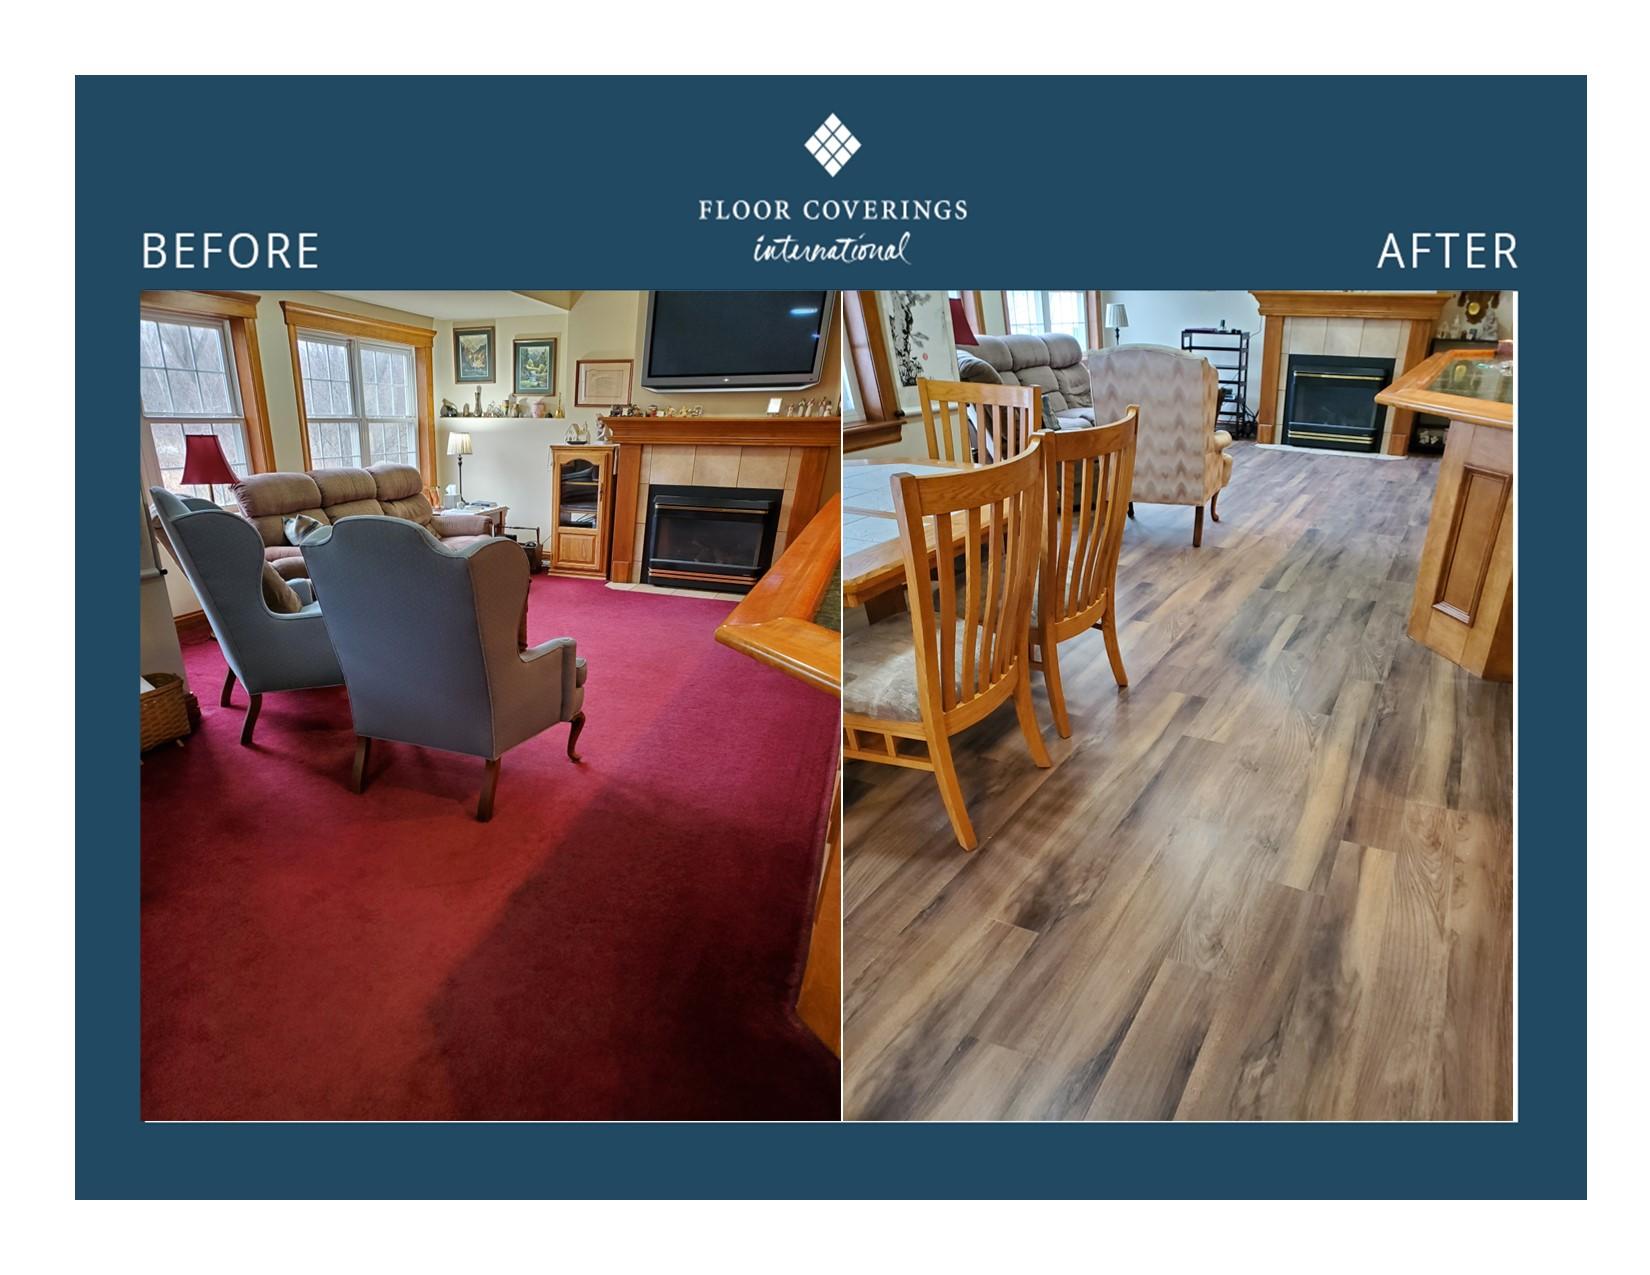 transformation of flooring